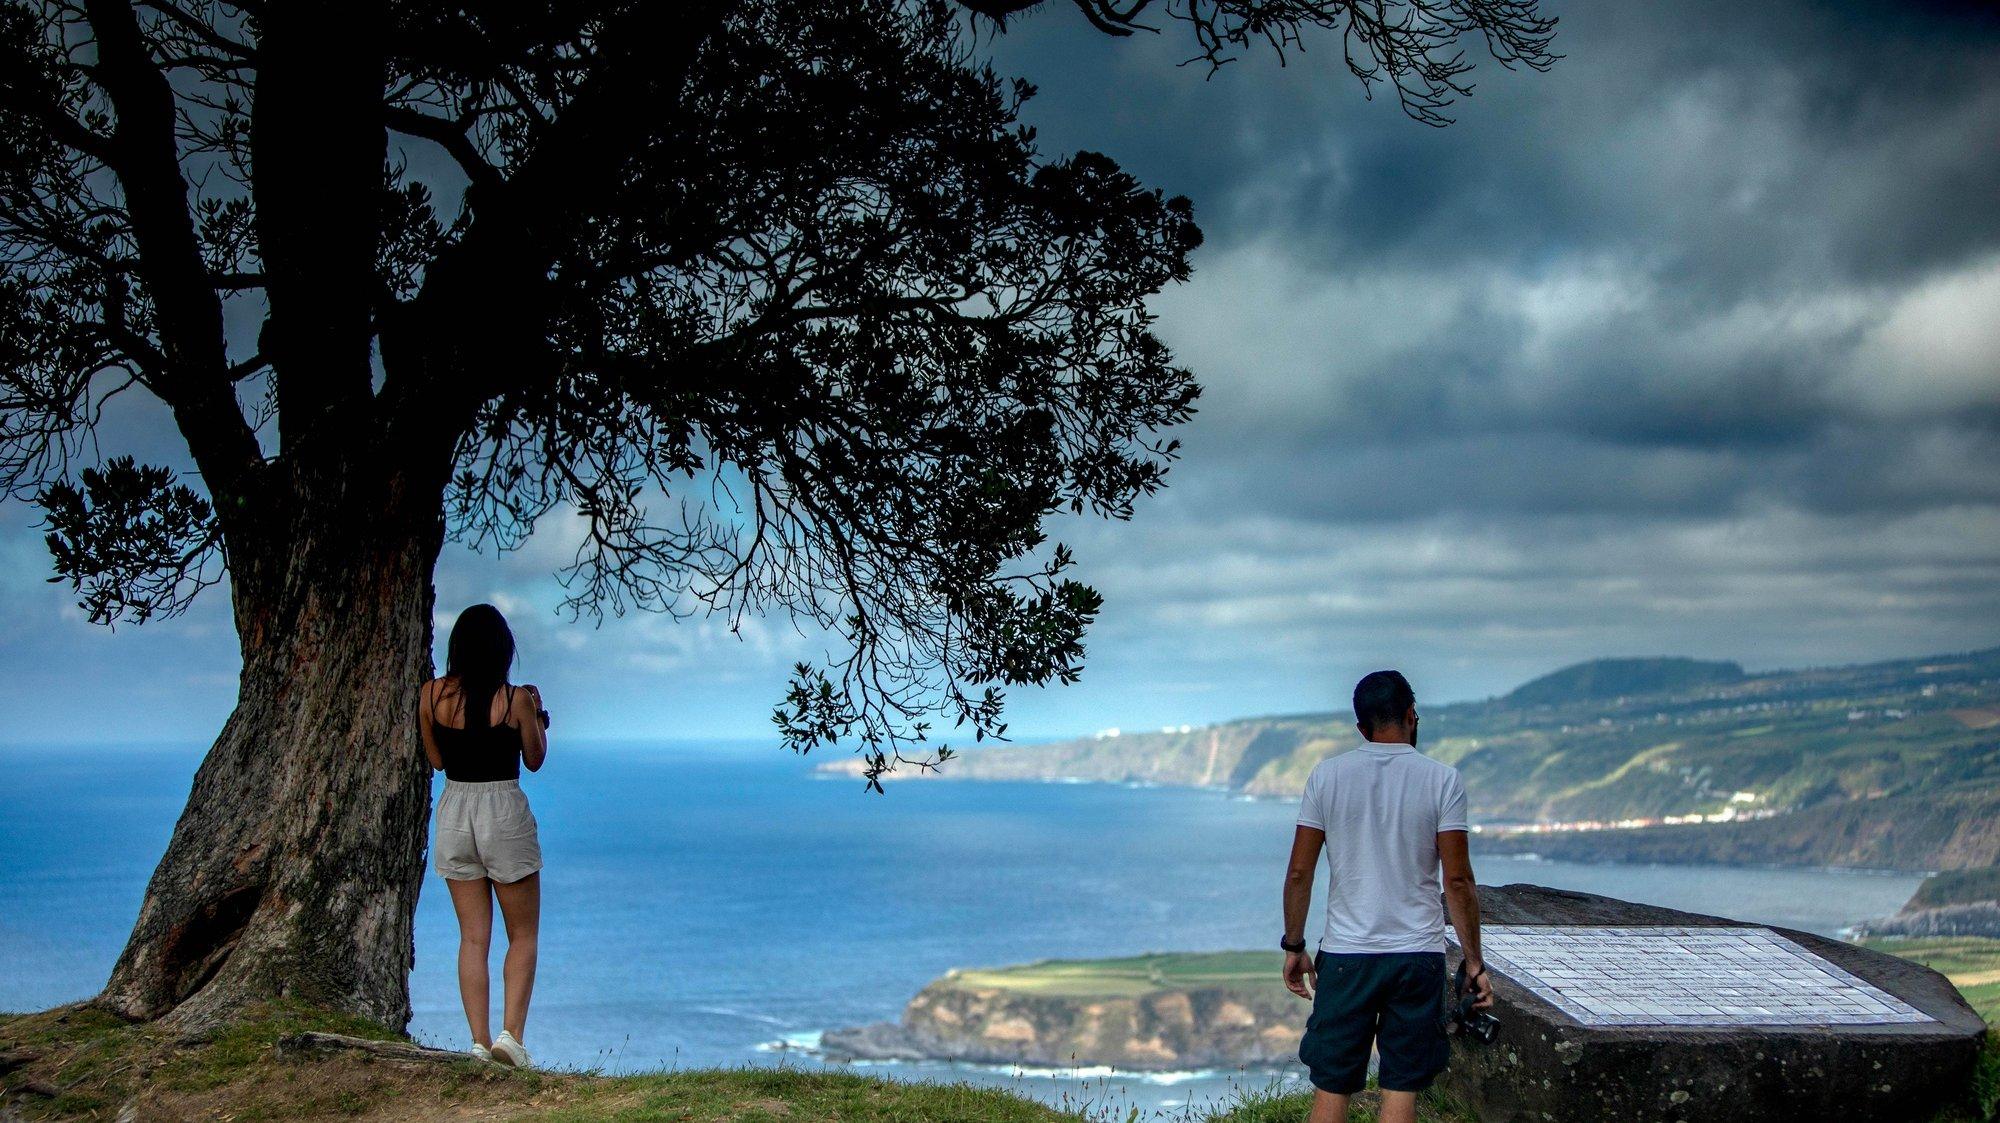 Turistas visitam Santa Iria, Ilha de São Miguel, Açores, 15 de junho de 2021. A Região Autónoma dos Açores promove a região como destino de férias seguras com a oferta de testes gratuitos à covid-19. Mais de um ano desde a pandemia da Covid 19, o setor do turismo já nota uma retoma mas que não se assemelha aos anos pré-pandemia. (ACOMPANHA TEXTO DE 17/06/2021) EDUARDO COSTA/LUSA